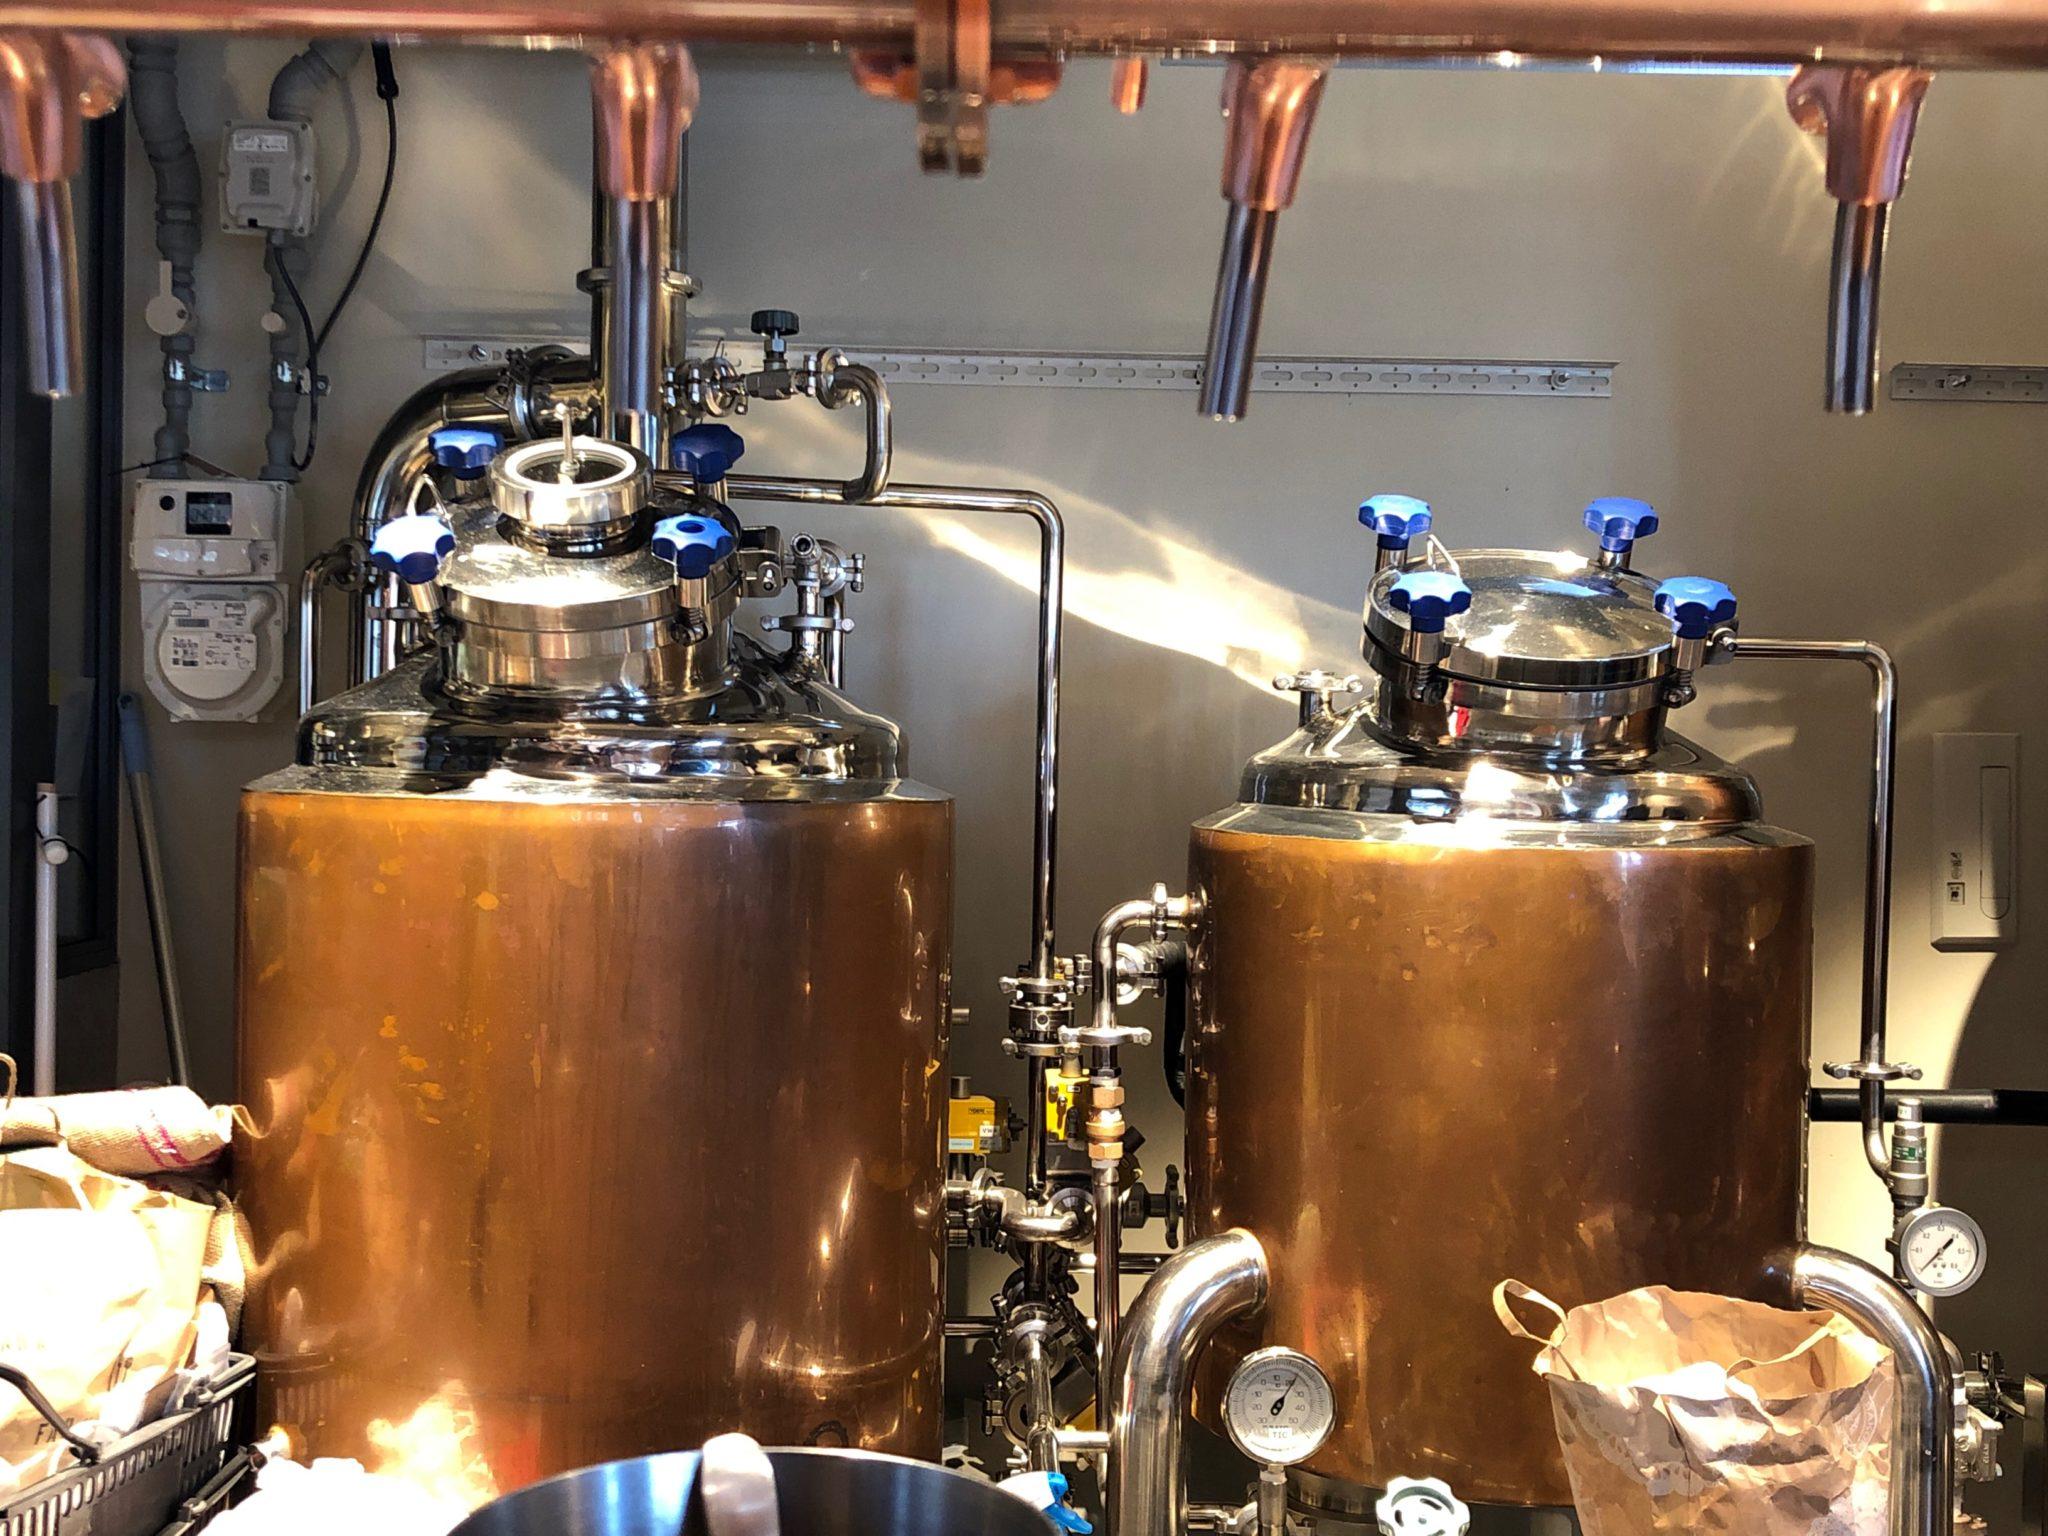 ふたこビール醸造所のクラフトビールを作る様子